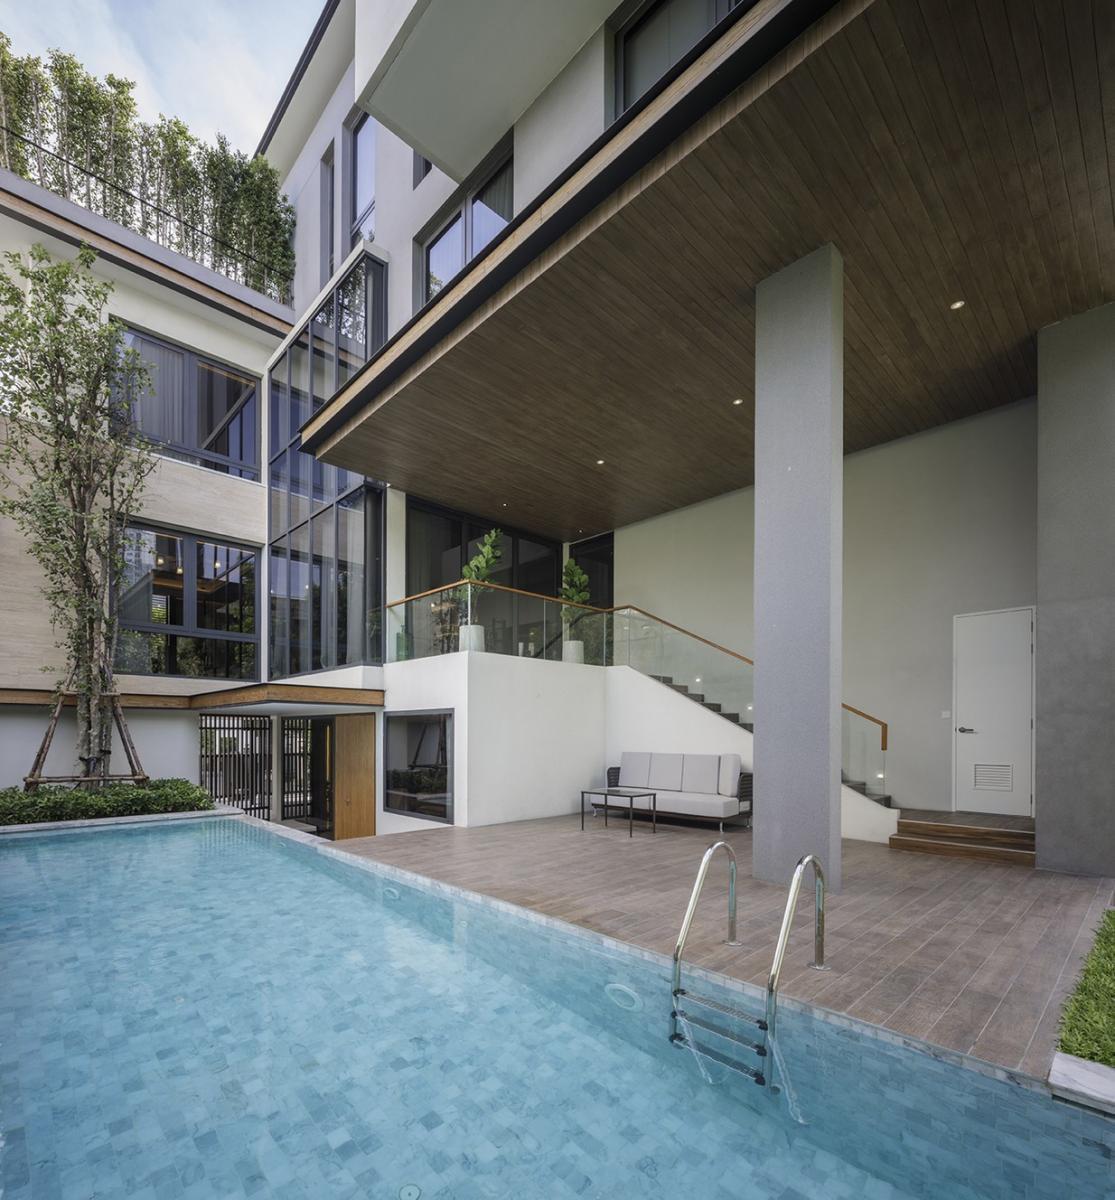 ควาริทซ์ (Quaritz) พระราม 9  The Selected Luxury Residences นิยามความหรูระดับ Ultra Luxury สำหรับครอบครัวรุ่นใหม่ จาก เอ็ม บี เค เรียล เอสเตท